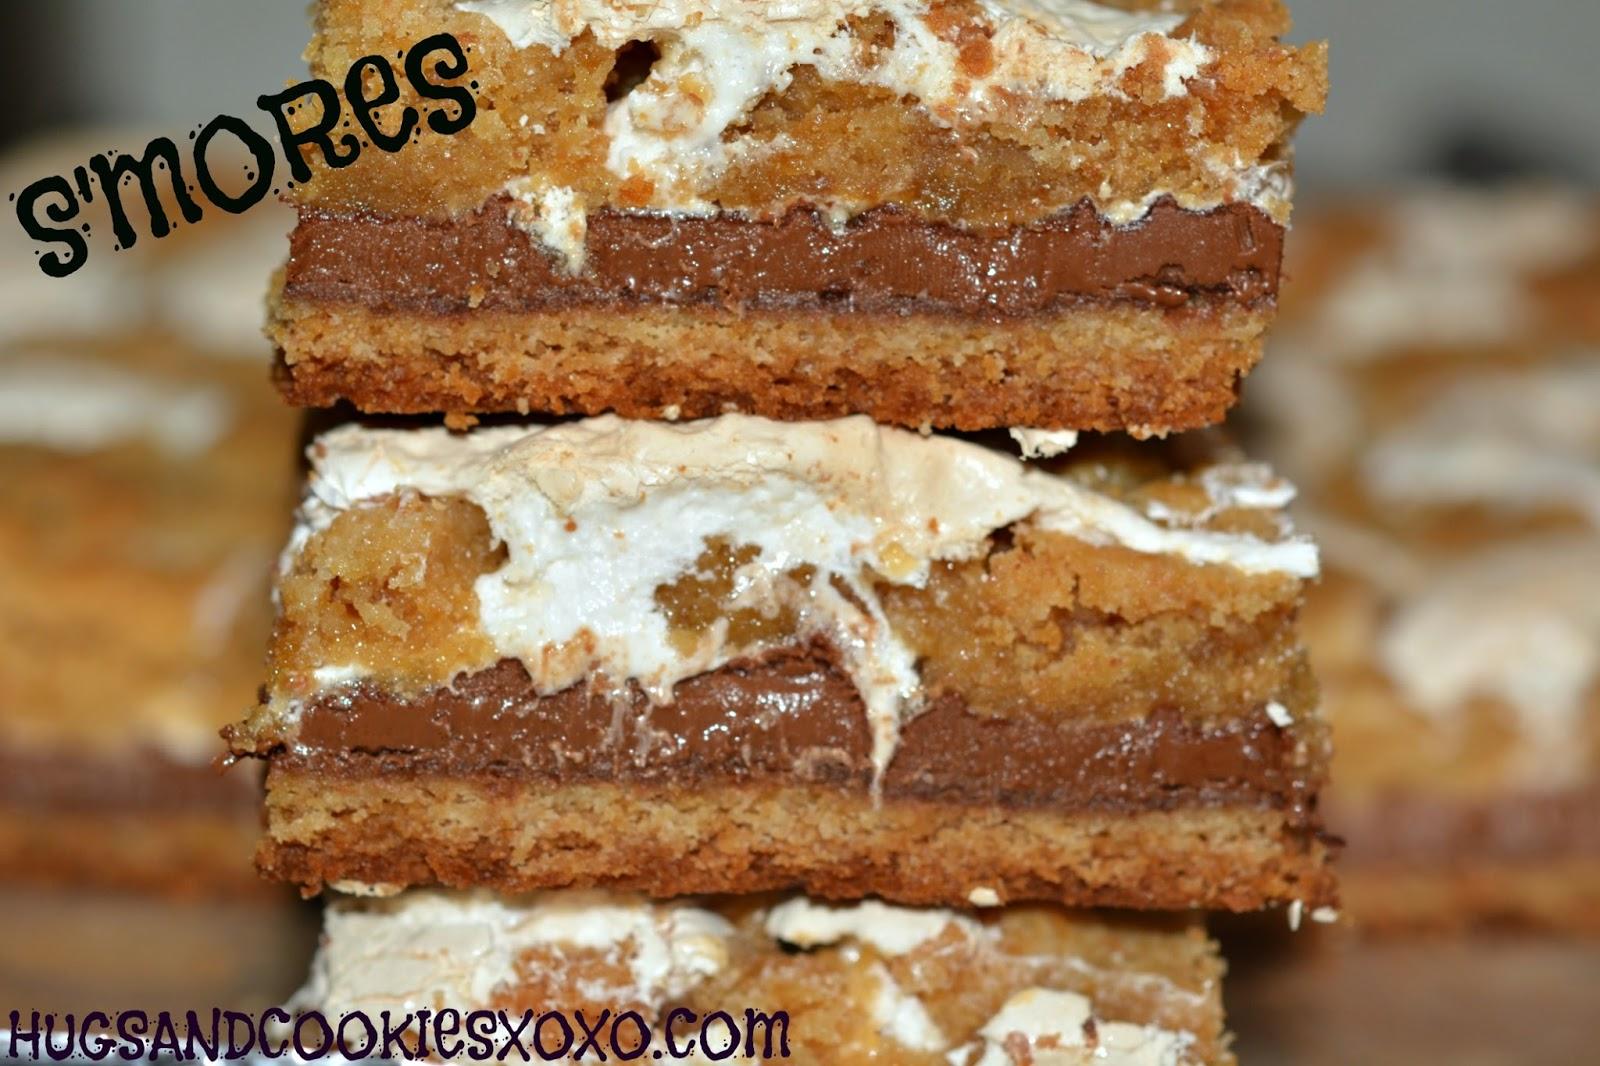 Hershey S Mores Bars Heavenly Hugs And Cookies Xoxo